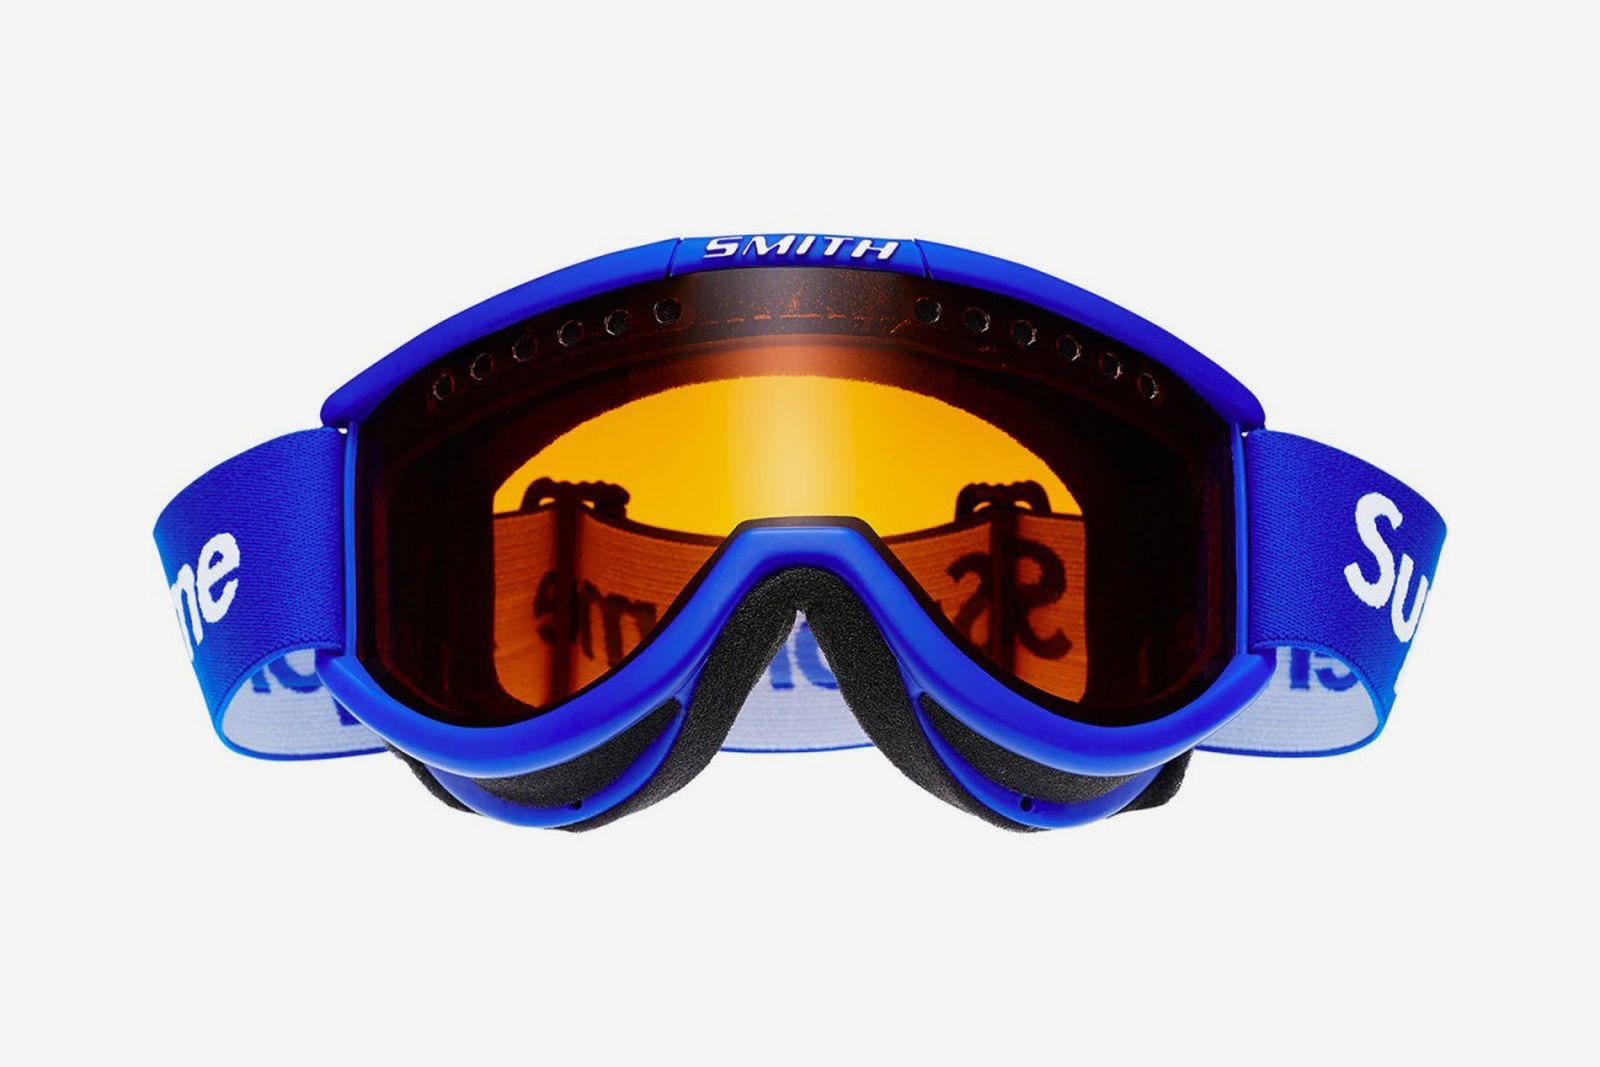 supreme smith optics ski goggles 4 1200x800 The North Face